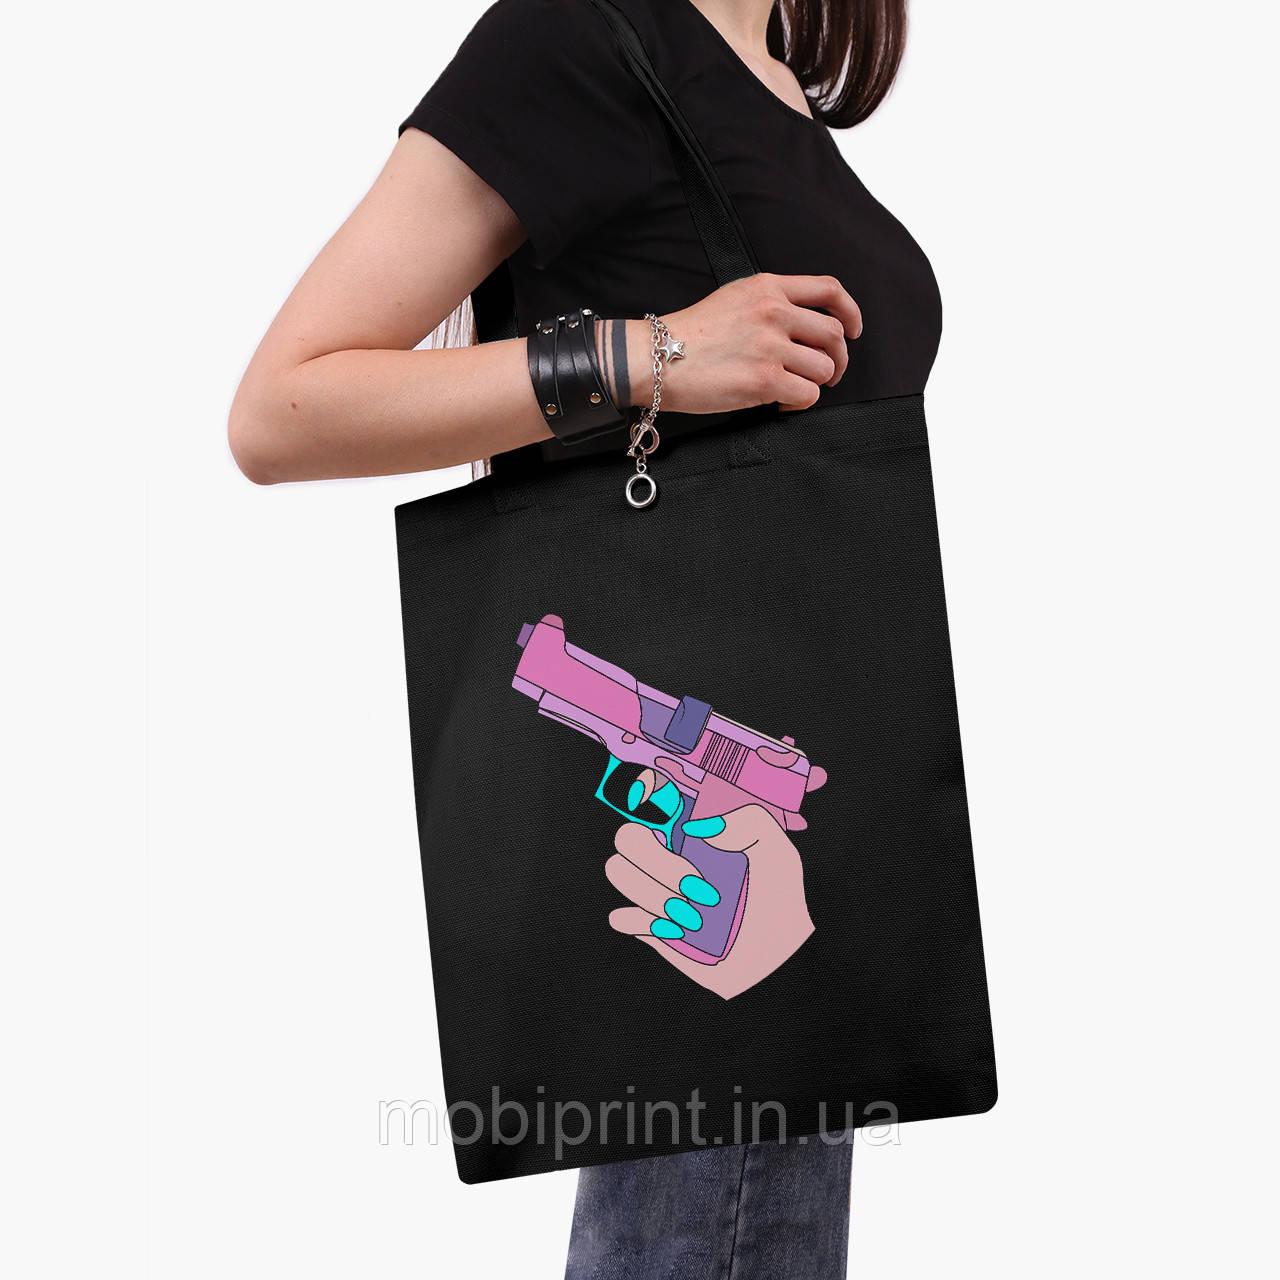 Эко сумка шоппер черная Убивство Диджитал Арт (Kill Digital art) (9227-1636-2)  экосумка шопер 41*35 см